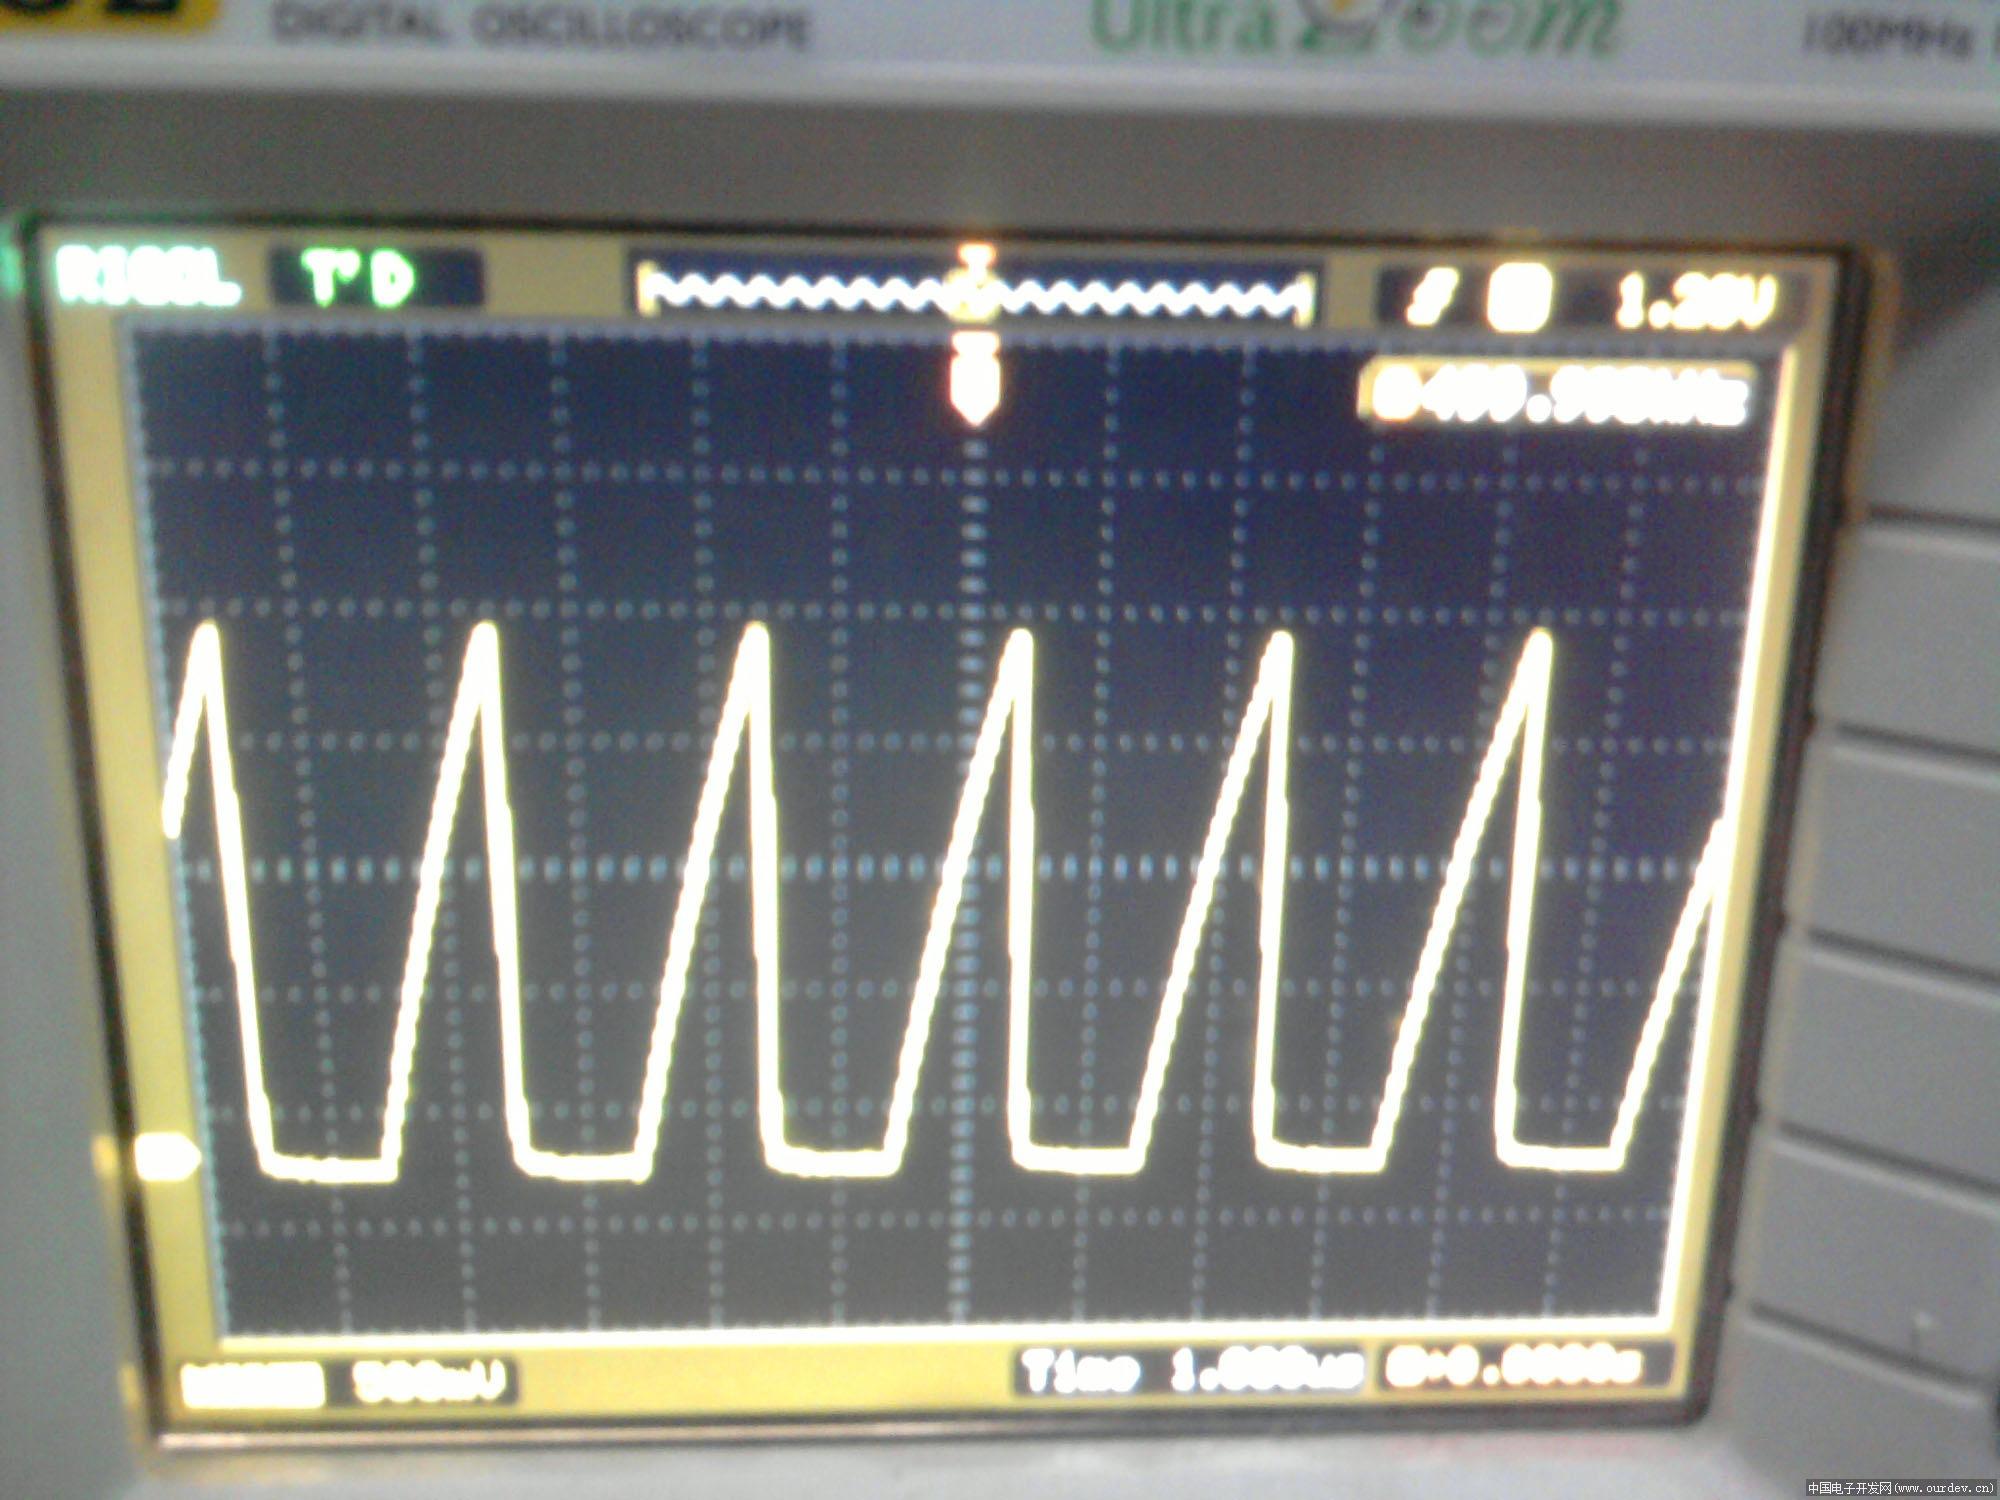 lm393搭的过零比较器能不能达到1m或以上呢